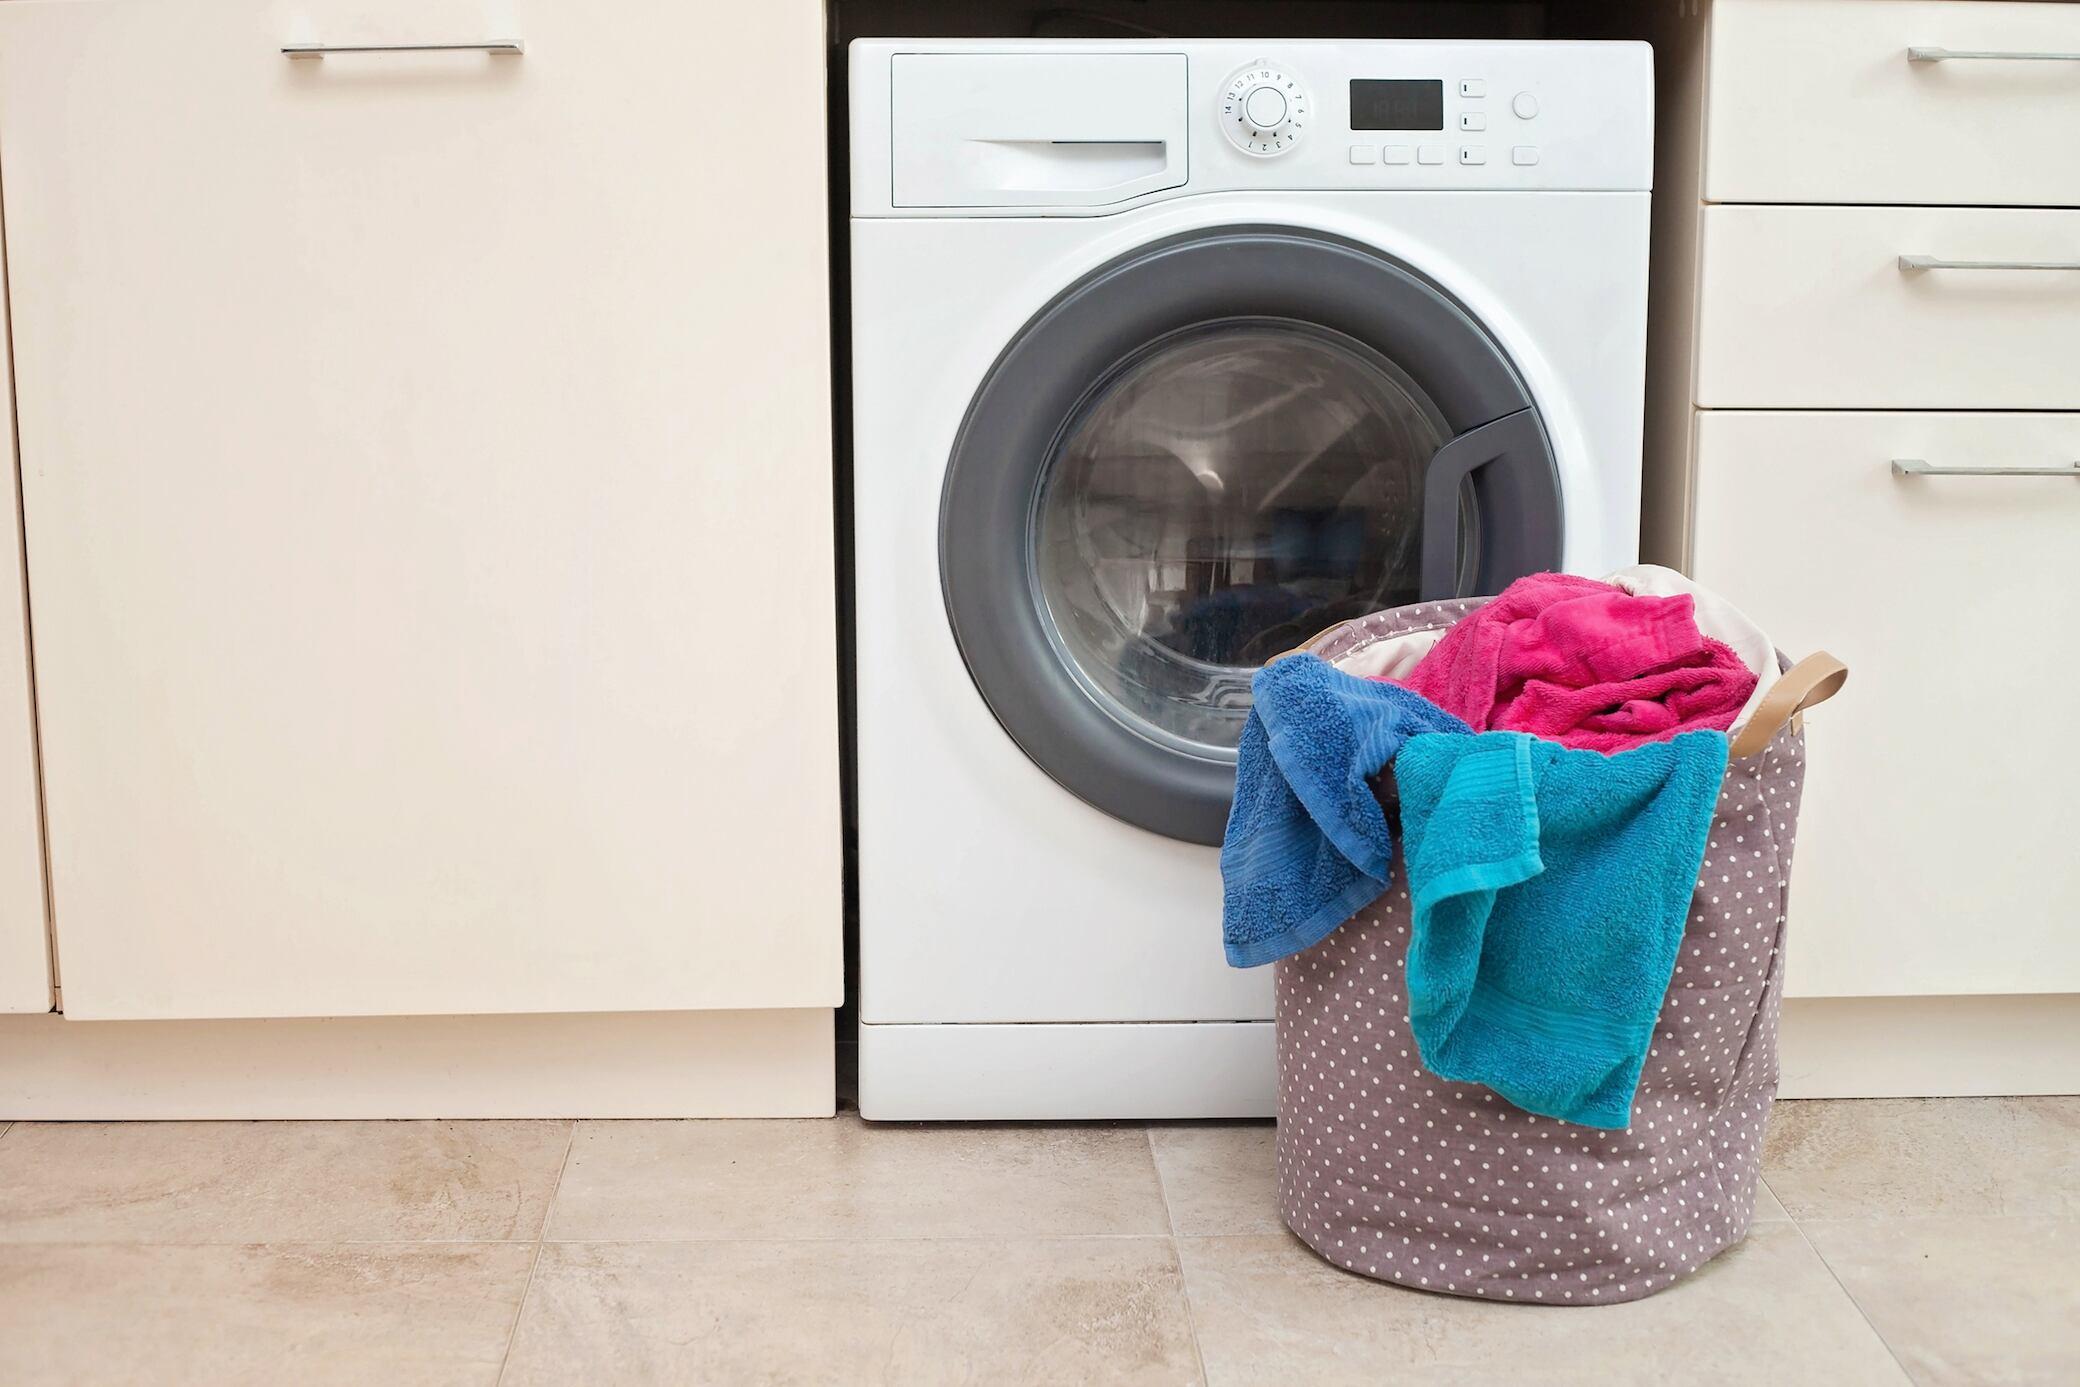 Wie oft sollte man das Flusensieb der Waschmaschine reinigen?